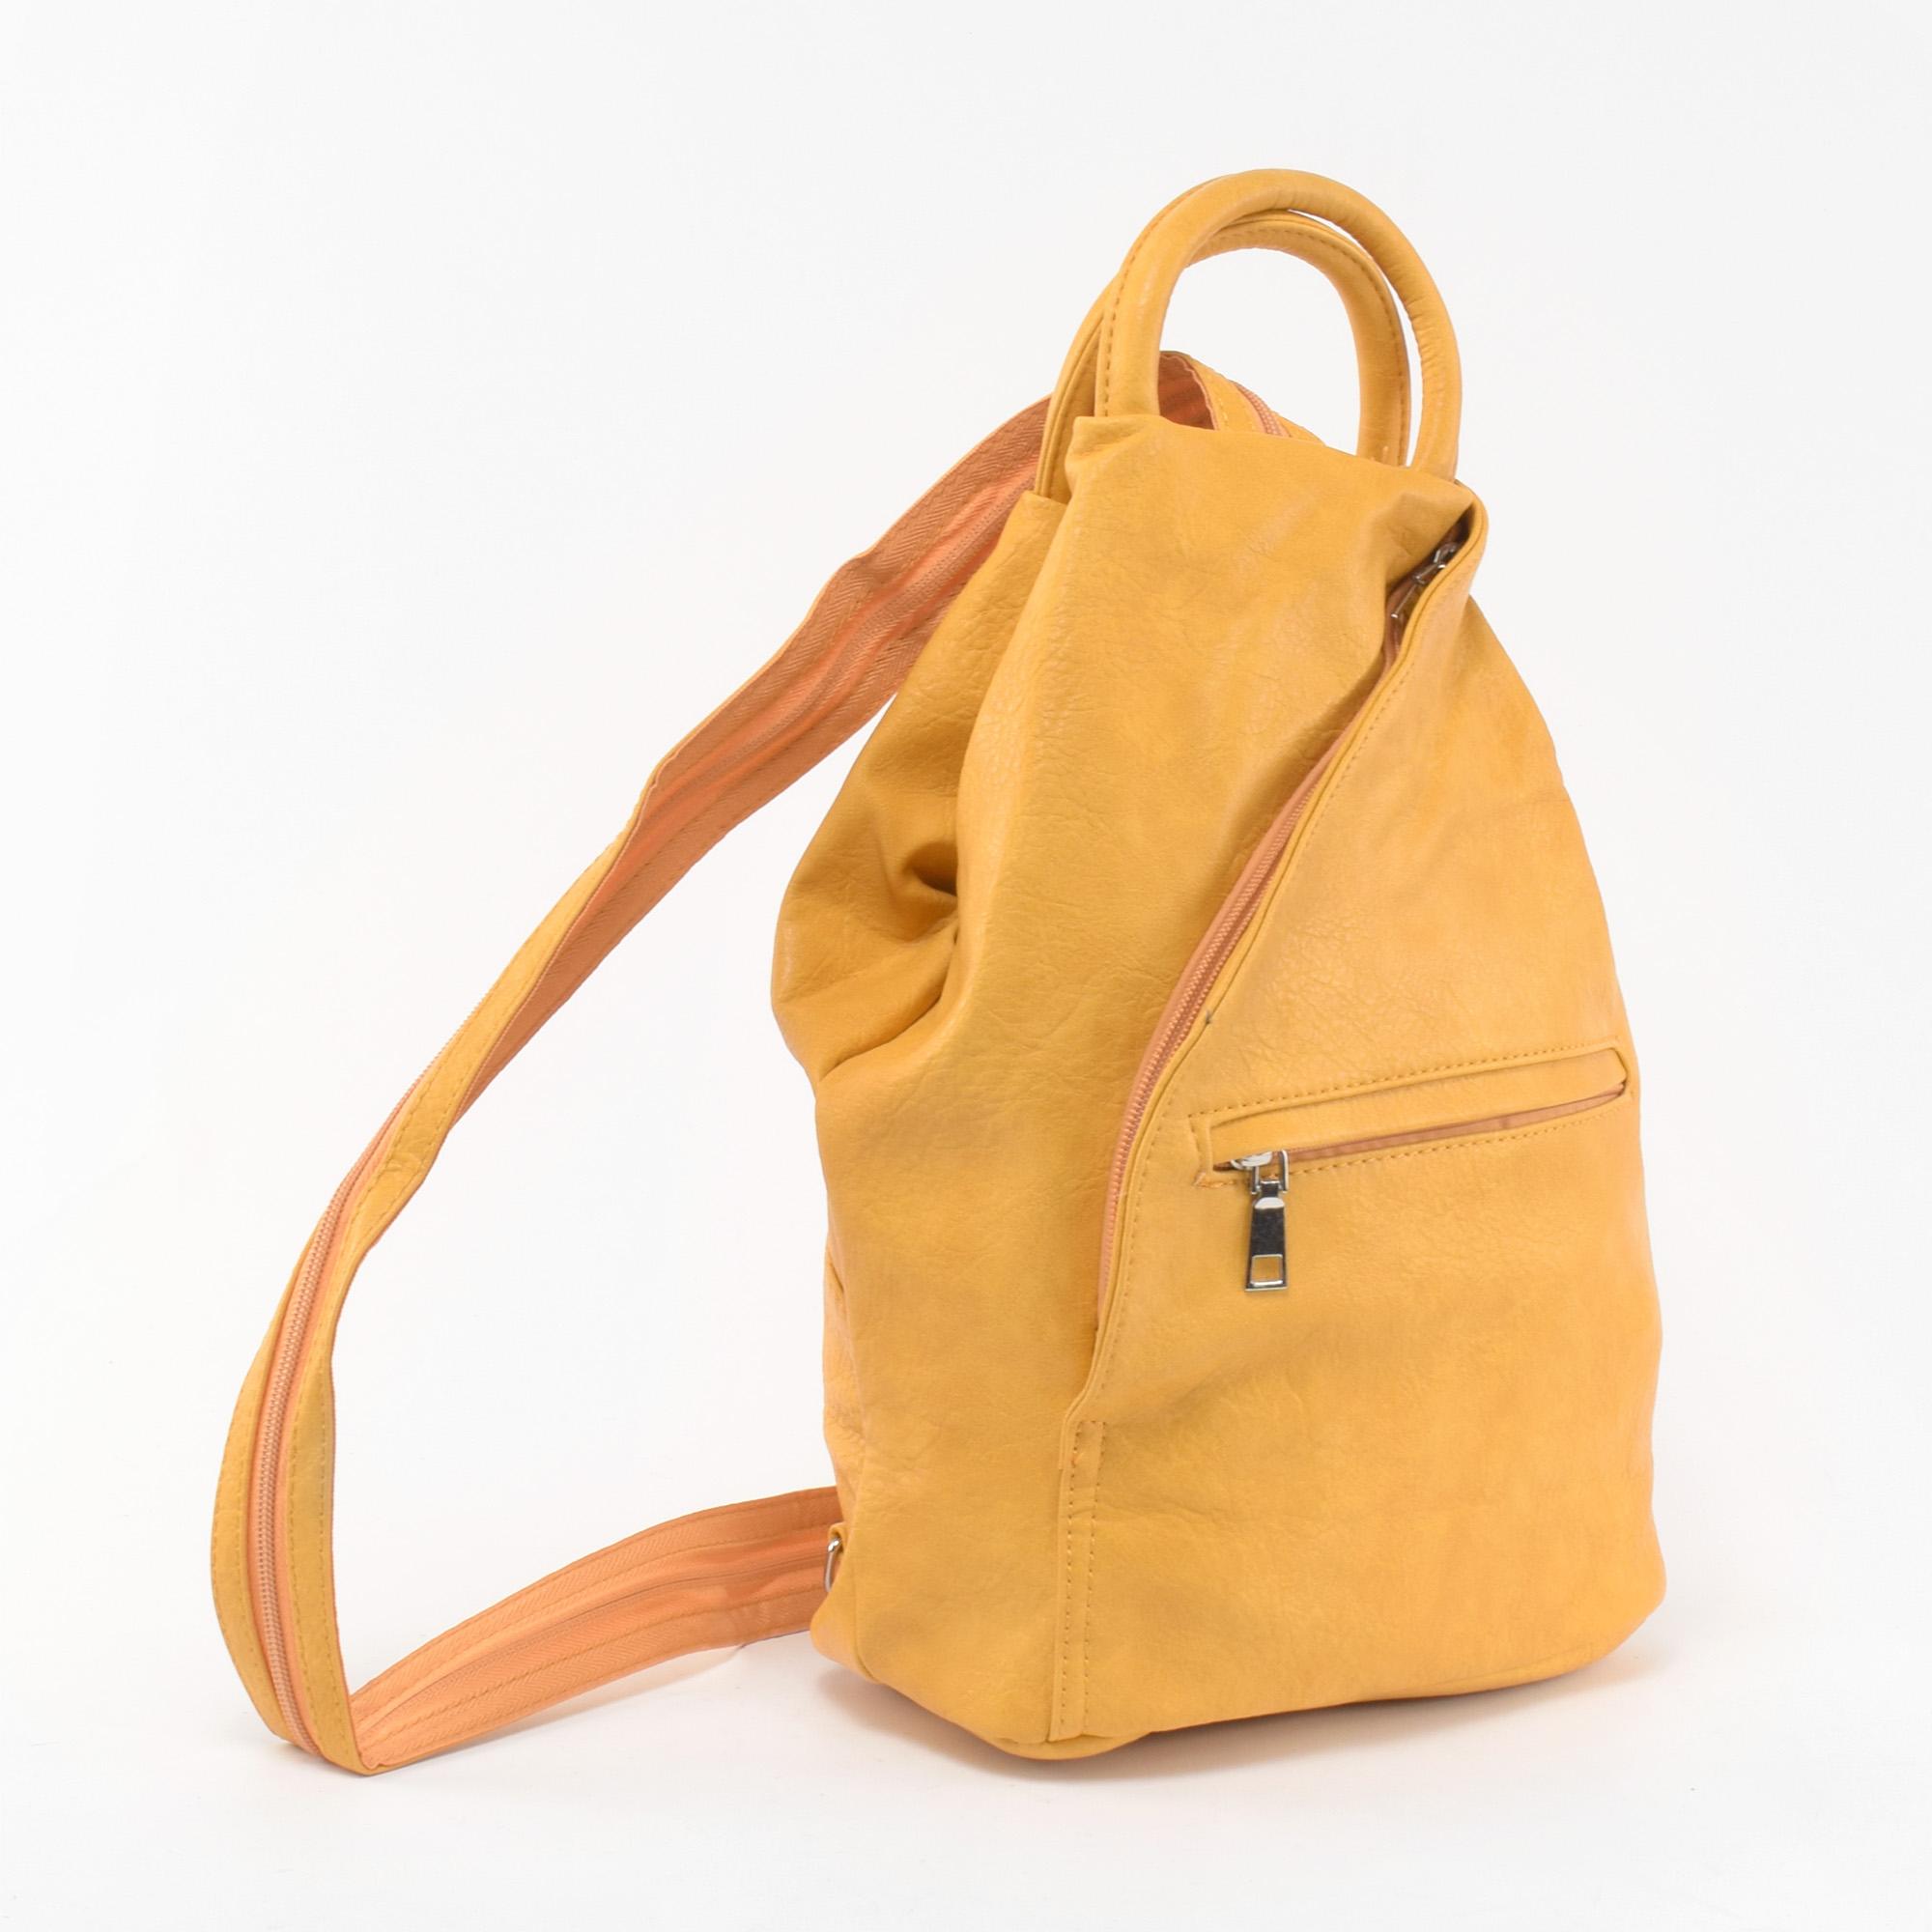 8261c70c7c Női Sárga Műbőr Válltáska és Hátizsák - Válltáskák - Táska webáruház -  Minőségi táskák mindenkinek